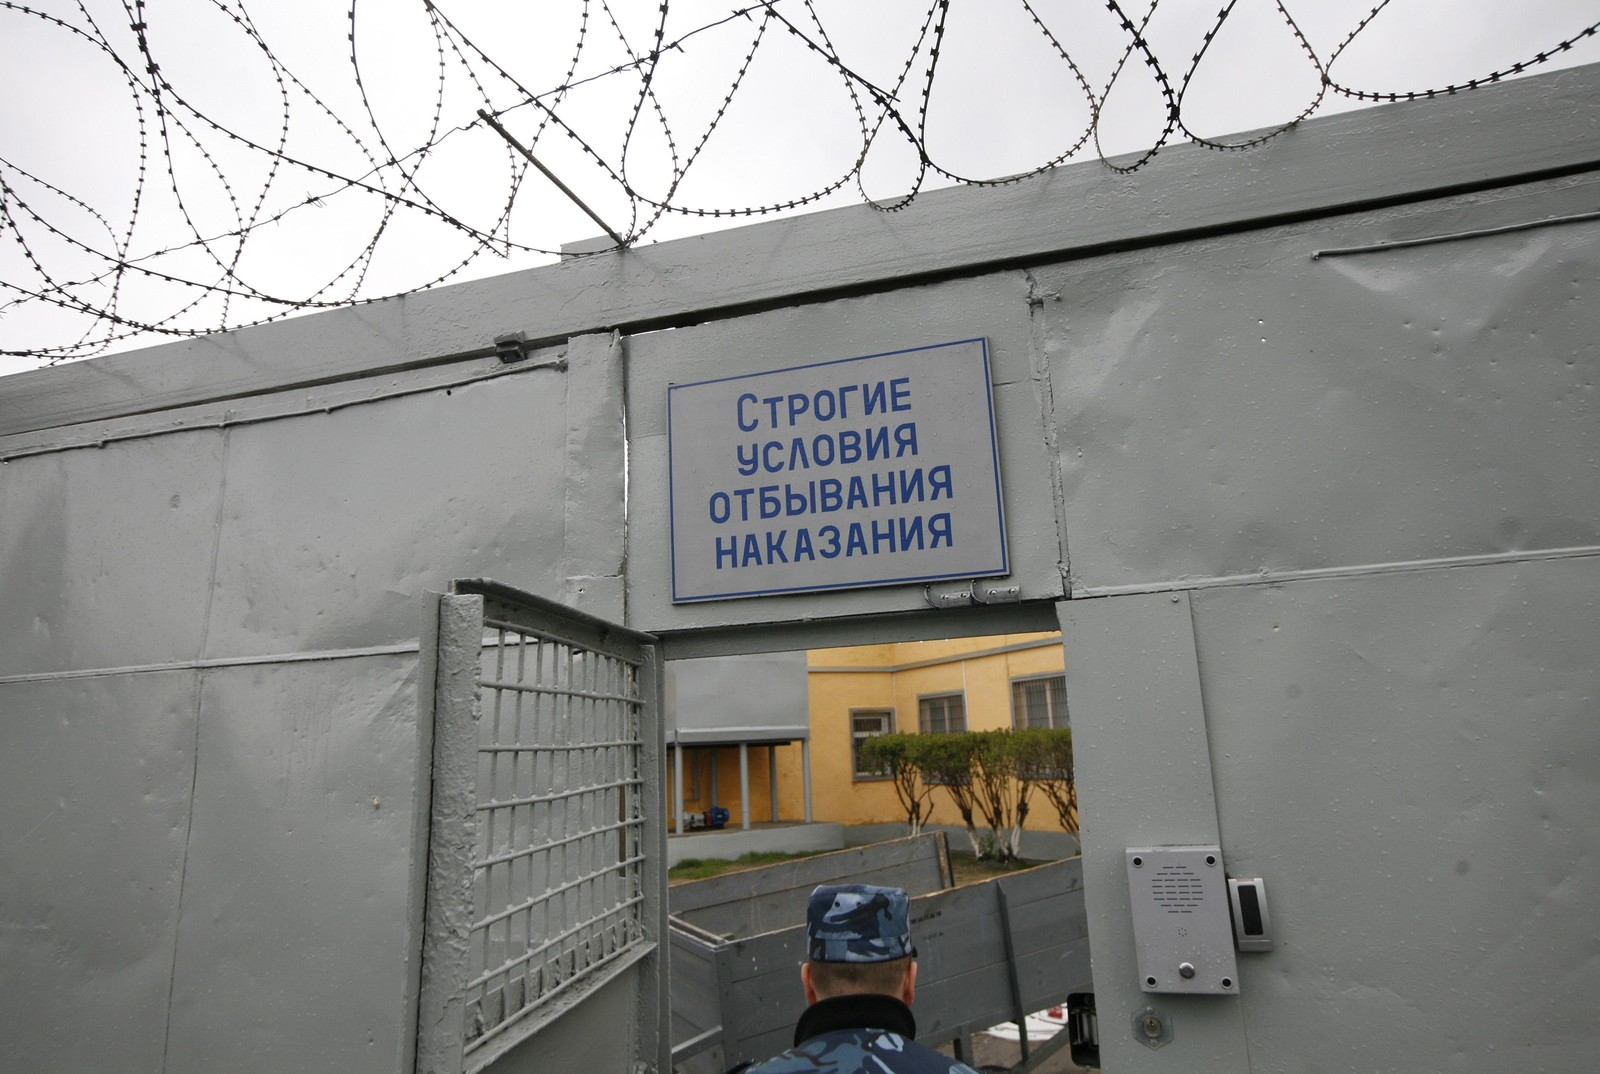 ВКрасноярске мужчина получил 17 лет тюрьмы заизнасилование пенсионерки